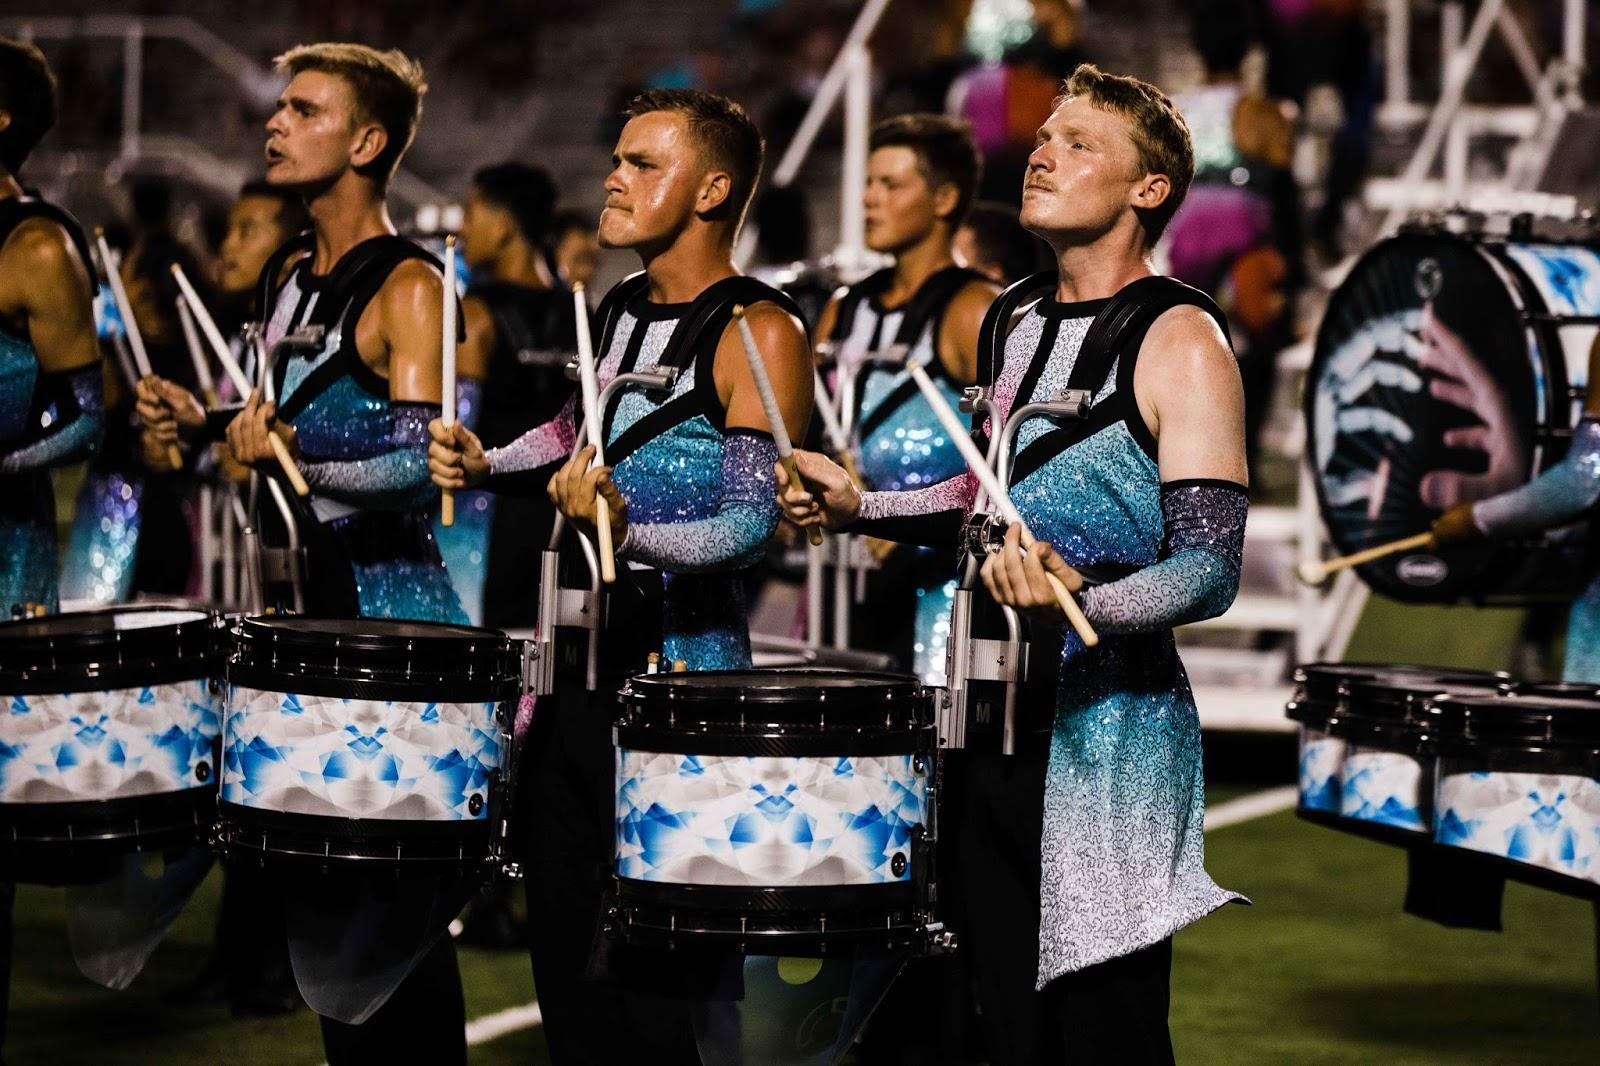 Blue Devils drumline perform at DCI Finals